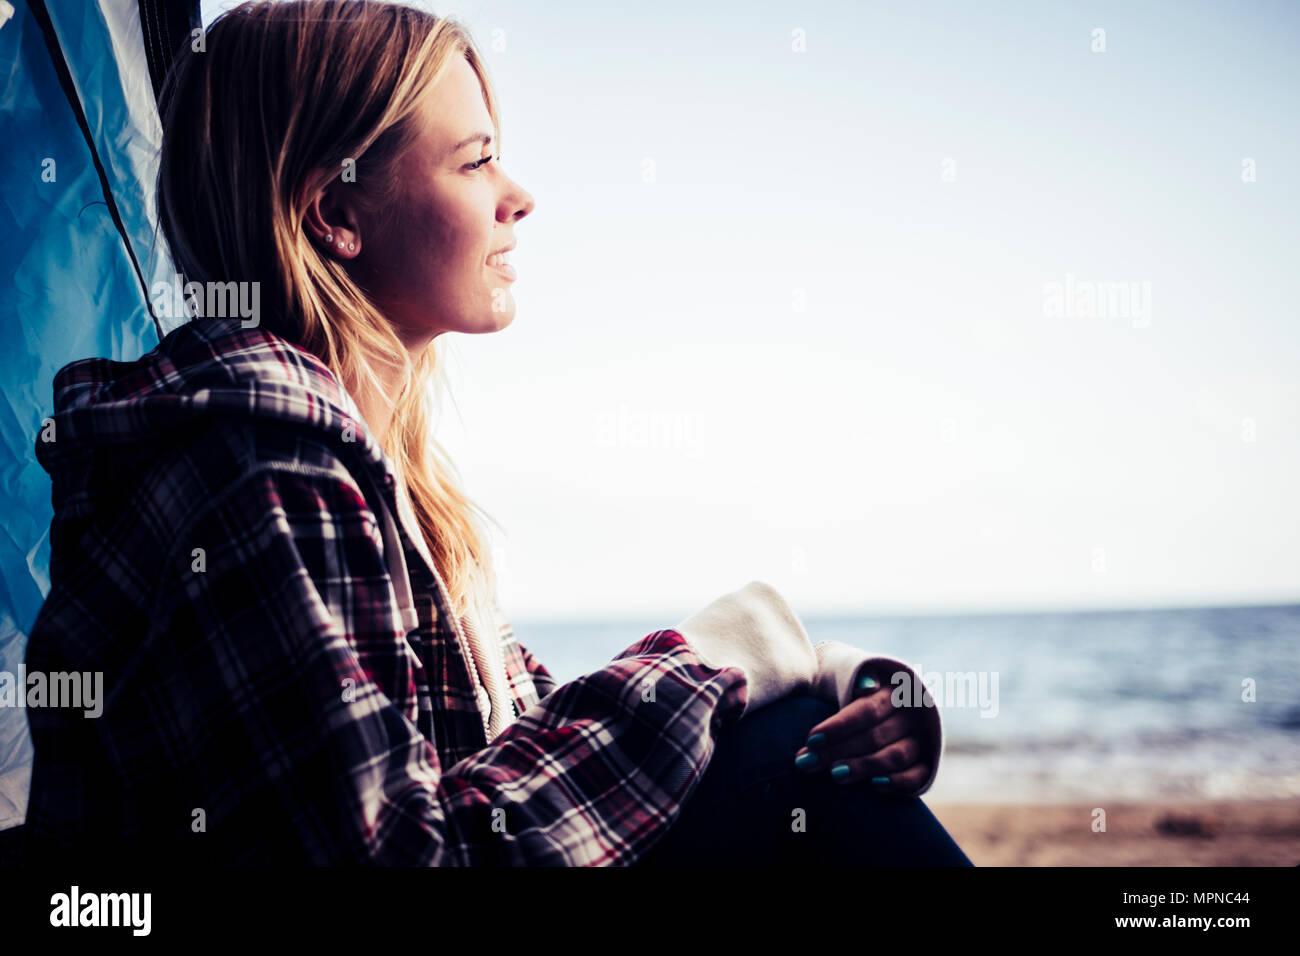 Wanderlust pour jeune belle femme blonde woman smiling at l'océan s'asseoir sa tente sur la plage. l'océan et sur la mer en arrière-plan Photo Stock